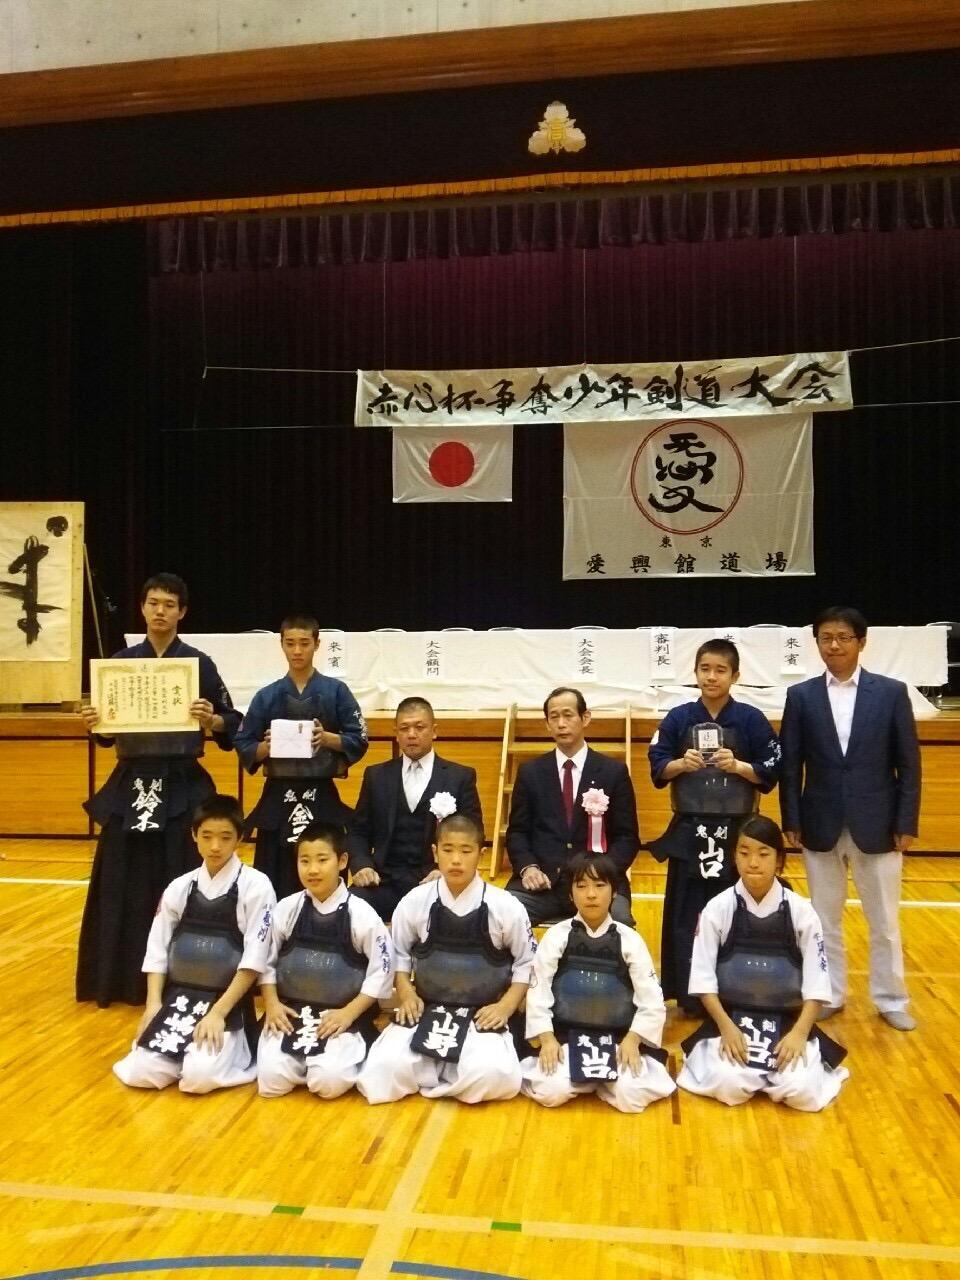 第七回 赤心杯争奪少年剣道大会